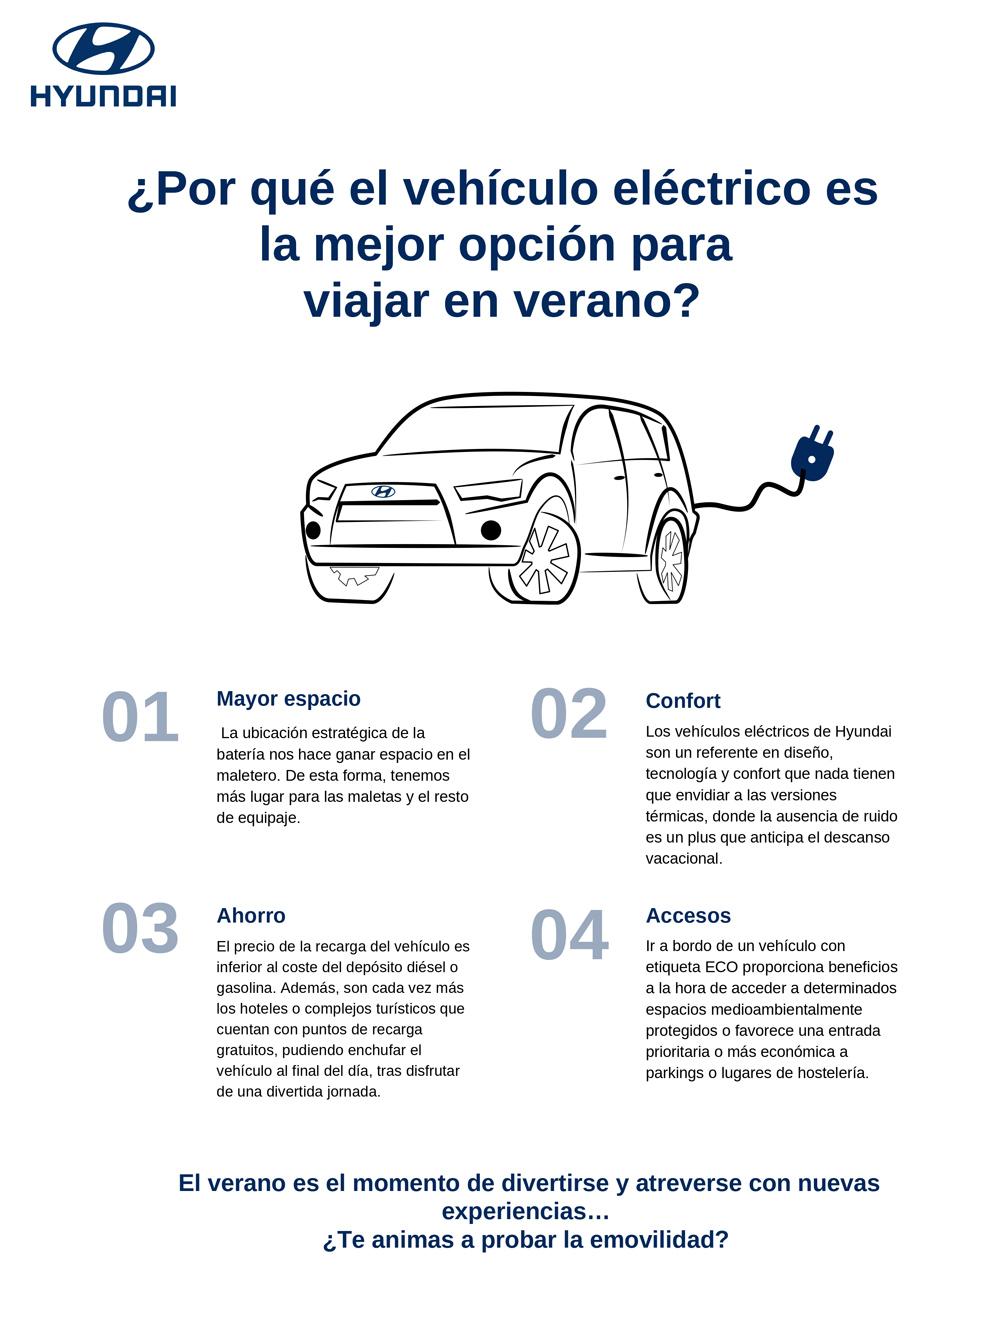 Infografía ventajas Hyundai de los vehículos eléctricos